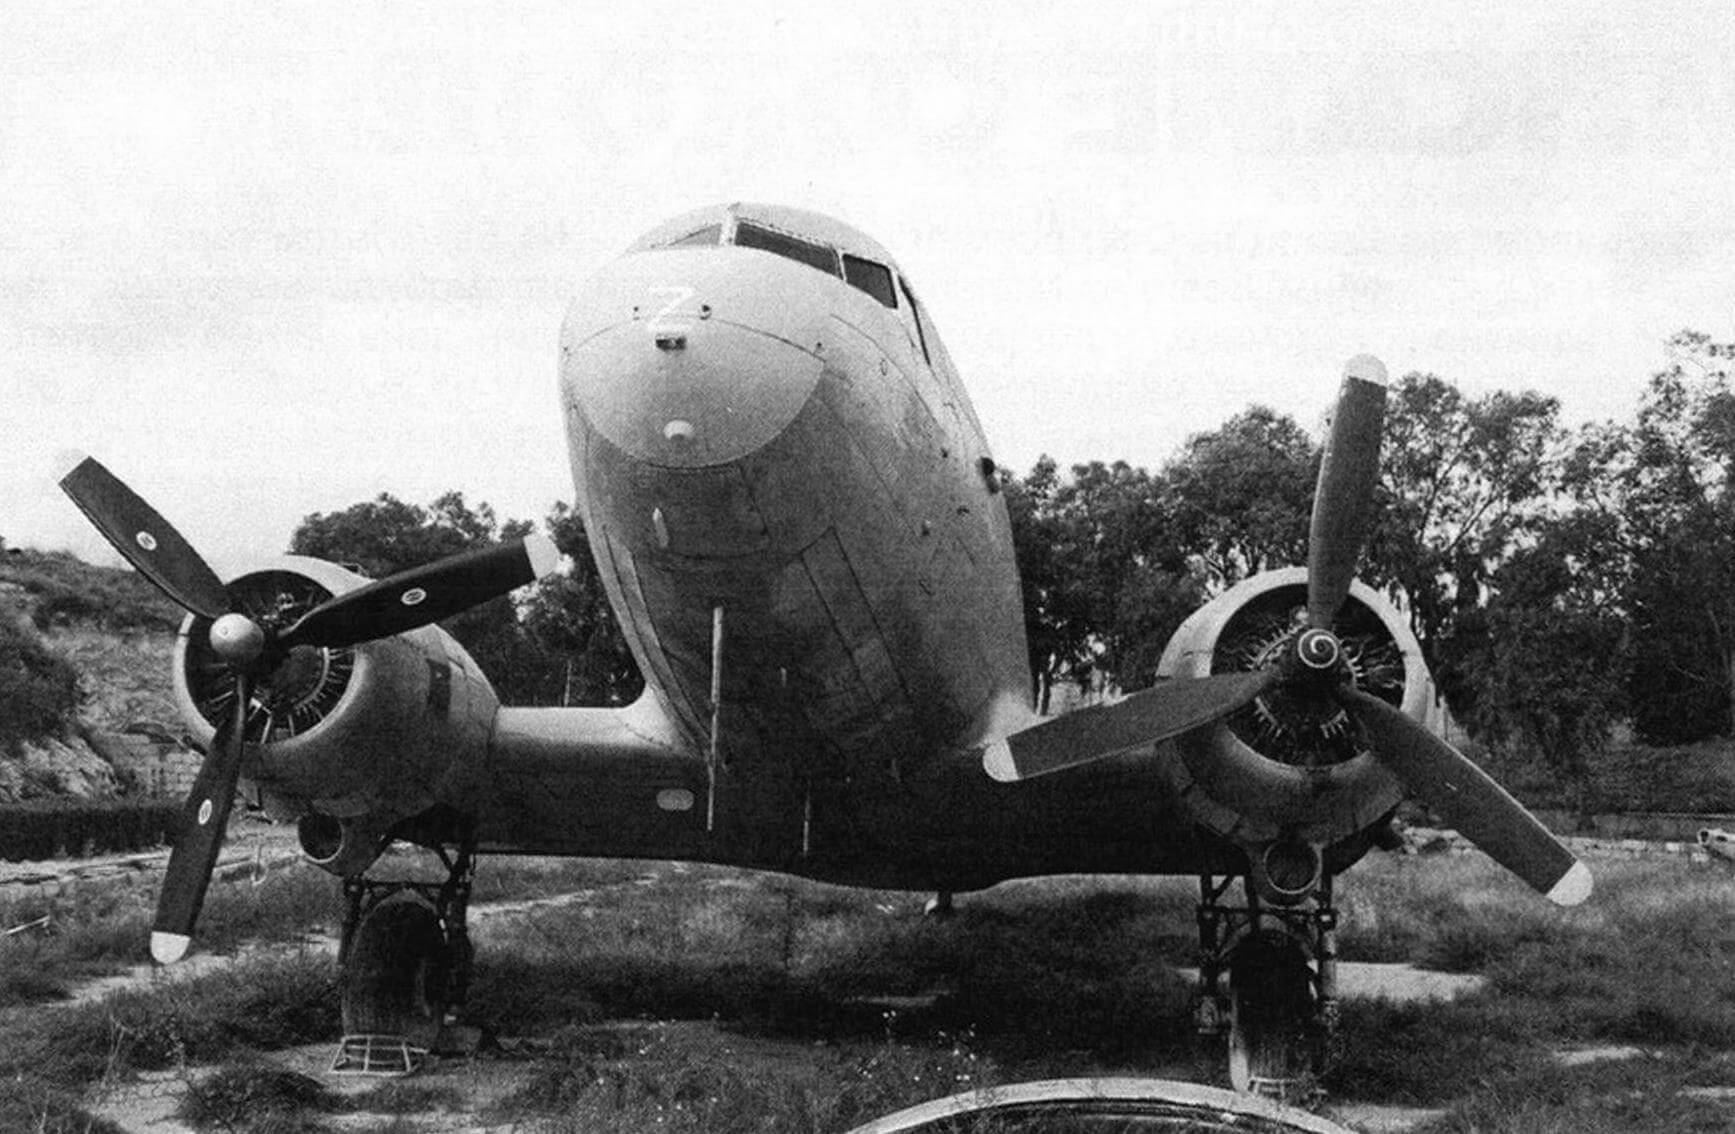 Ветеран C-47B-30-DK эксплуатировался ровно полвека